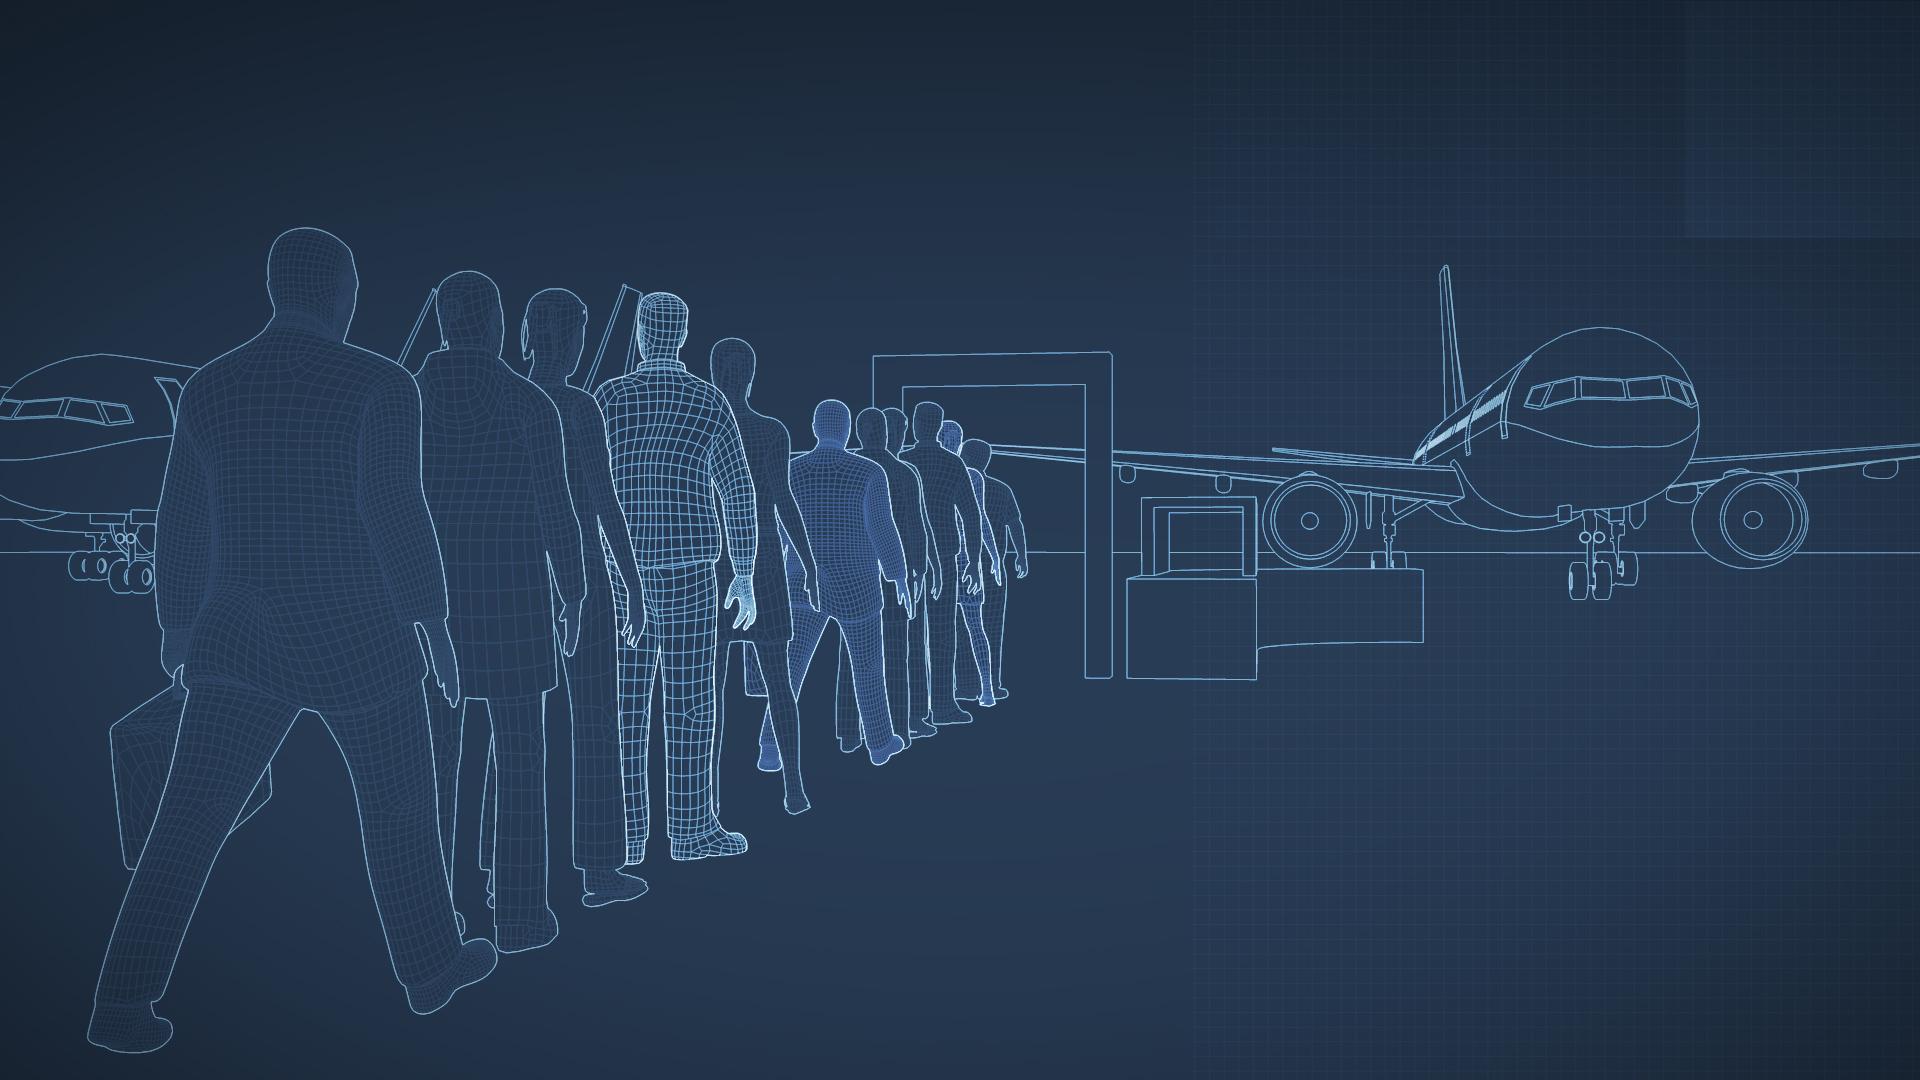 3e-gfxv-airports-one-03-0-00-15-14